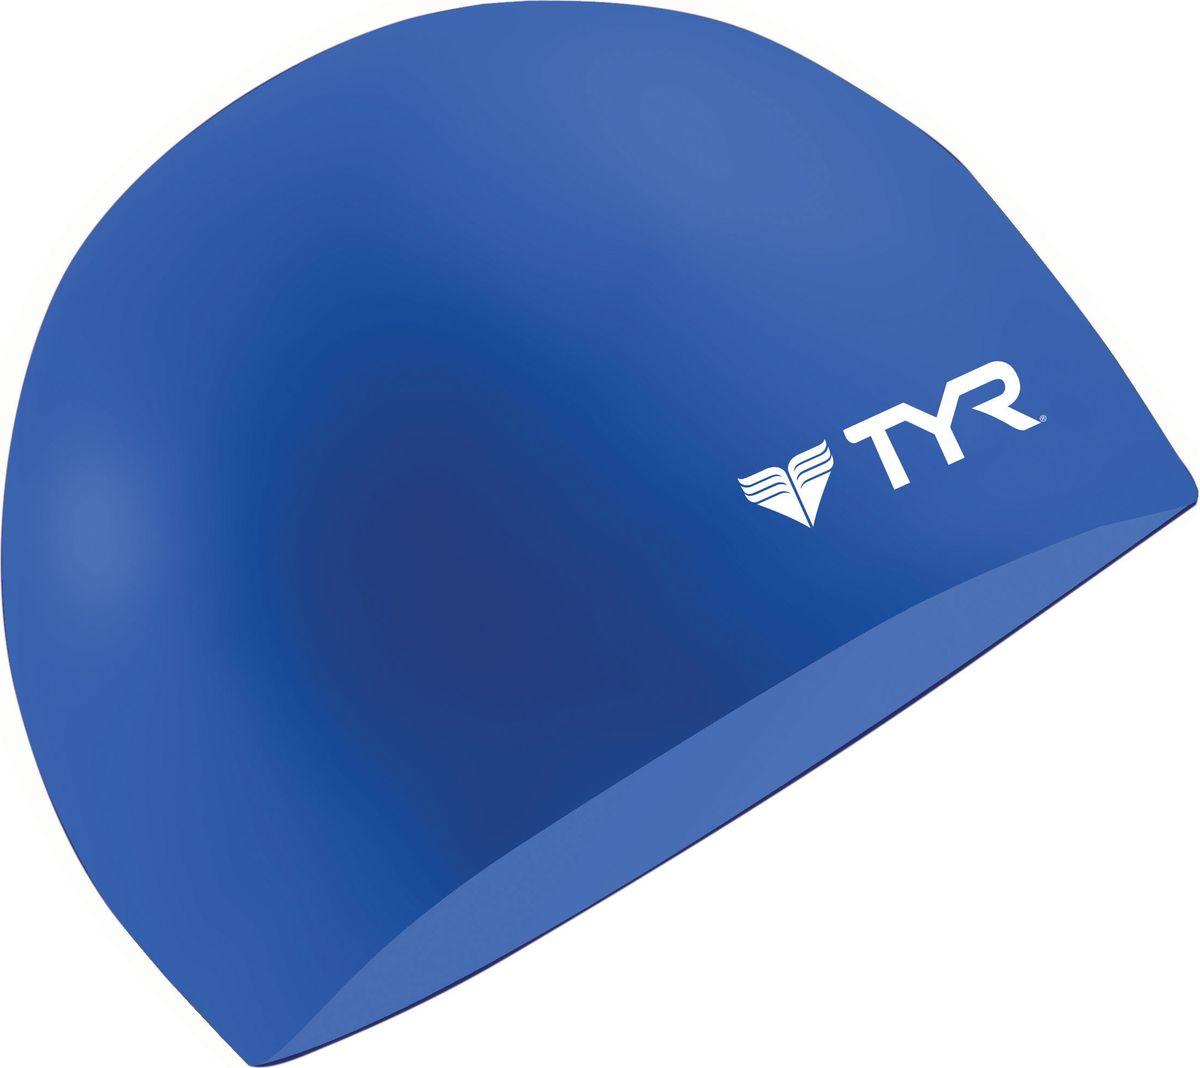 Шапочка для плавания Tyr Wrinkle Free Silicone Cap, цвет: синий. LCSLCSСиликоновая шапочка TYR Wrinkle Free – изготовлена из высококачественного материала устойчивого к воздействию хлорированной воды, что гарантирует долгий срок службы. Материал шапочки не вызывает раздражения кожи и других аллергических реакций. Прекрасный вариант для тренировок в бассейне.